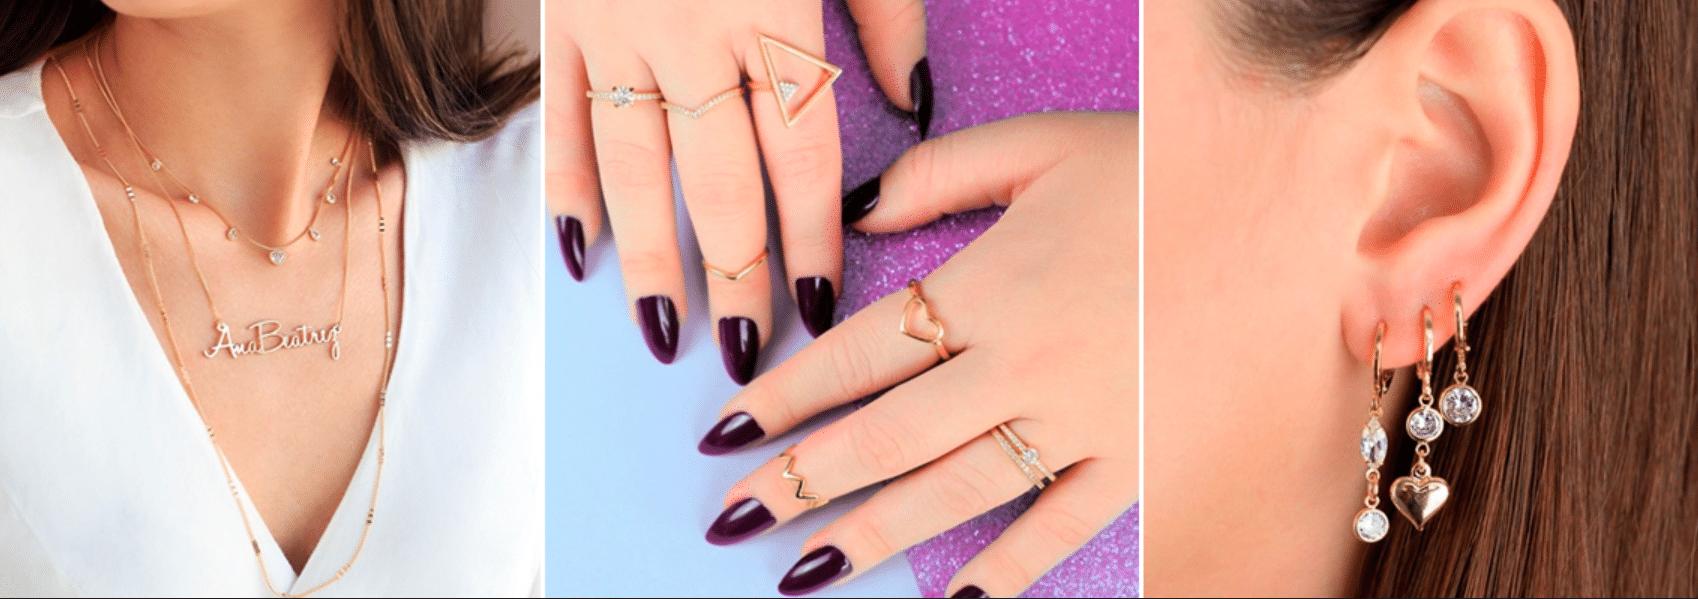 imagem de joias minimalistas nas mãos, pescoço e orelhas de uma mulher